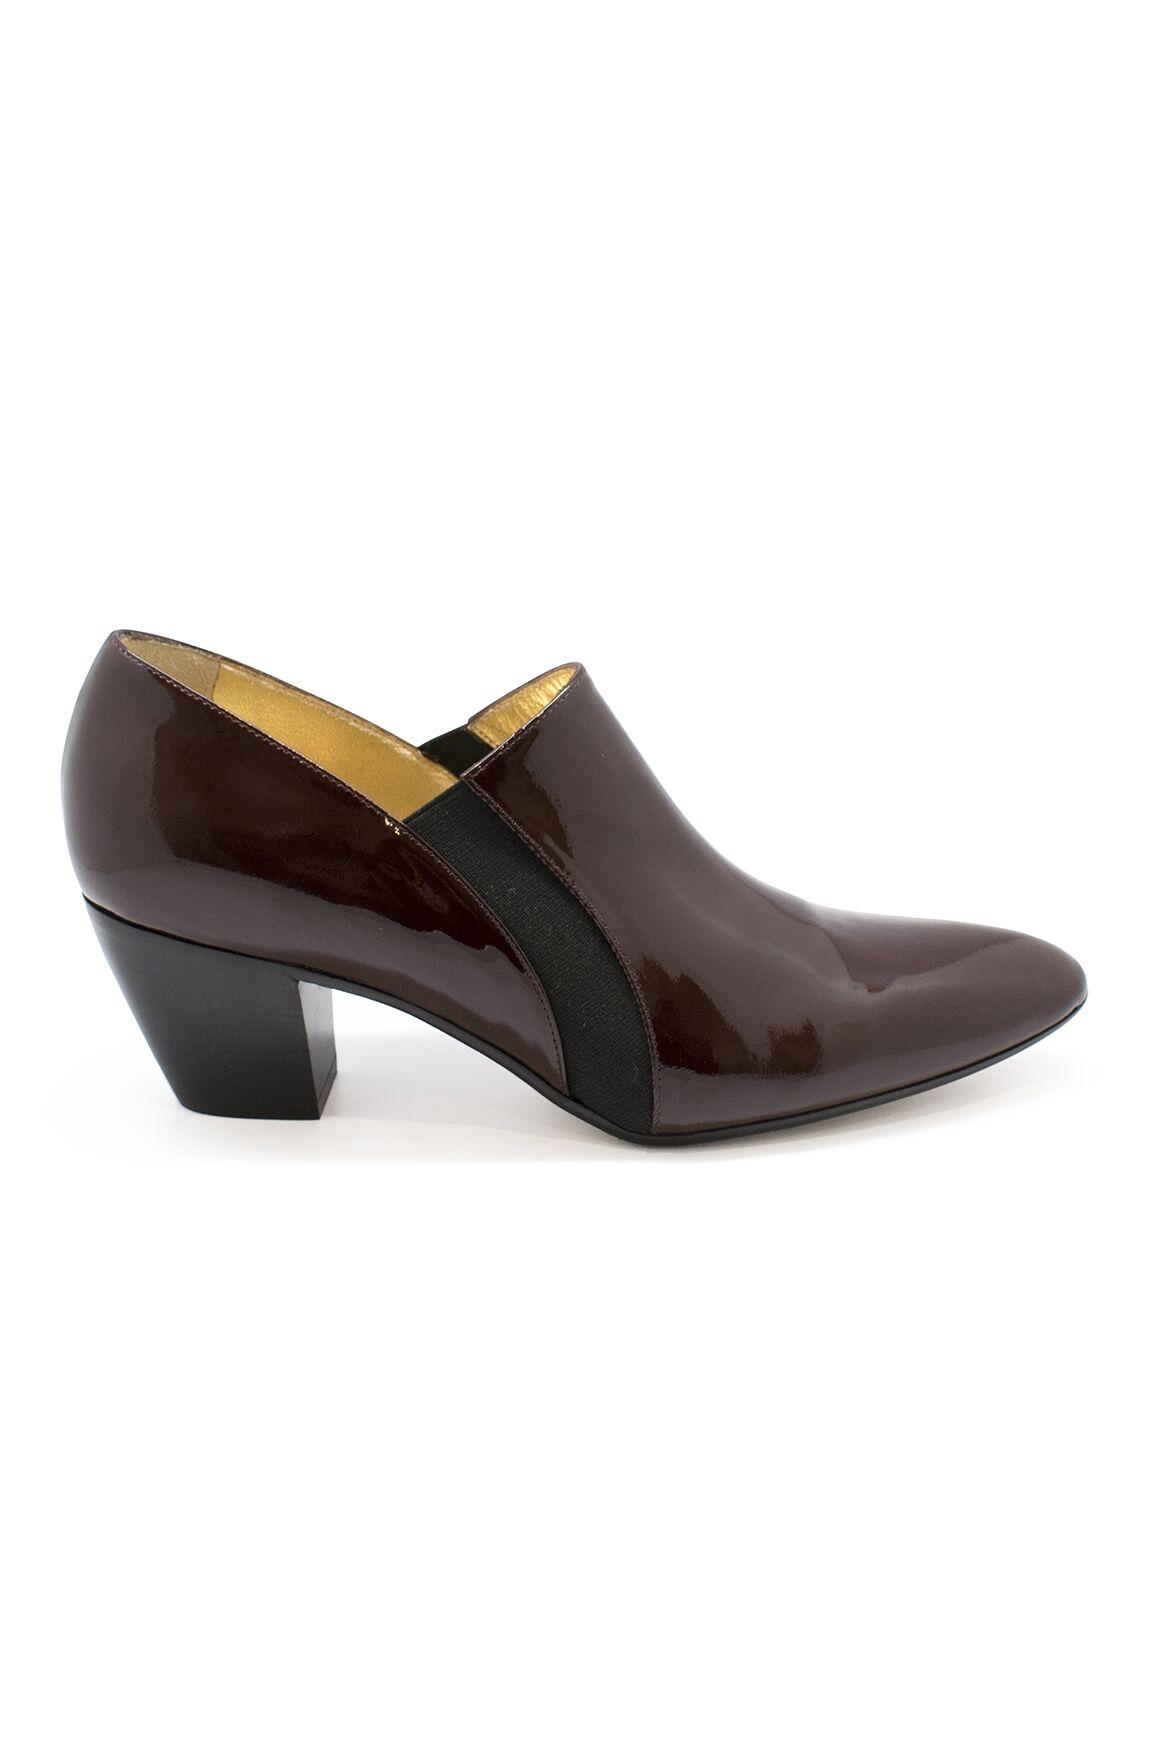 Walter Steiger Boots Seventy Eight - Pointure: 41,5